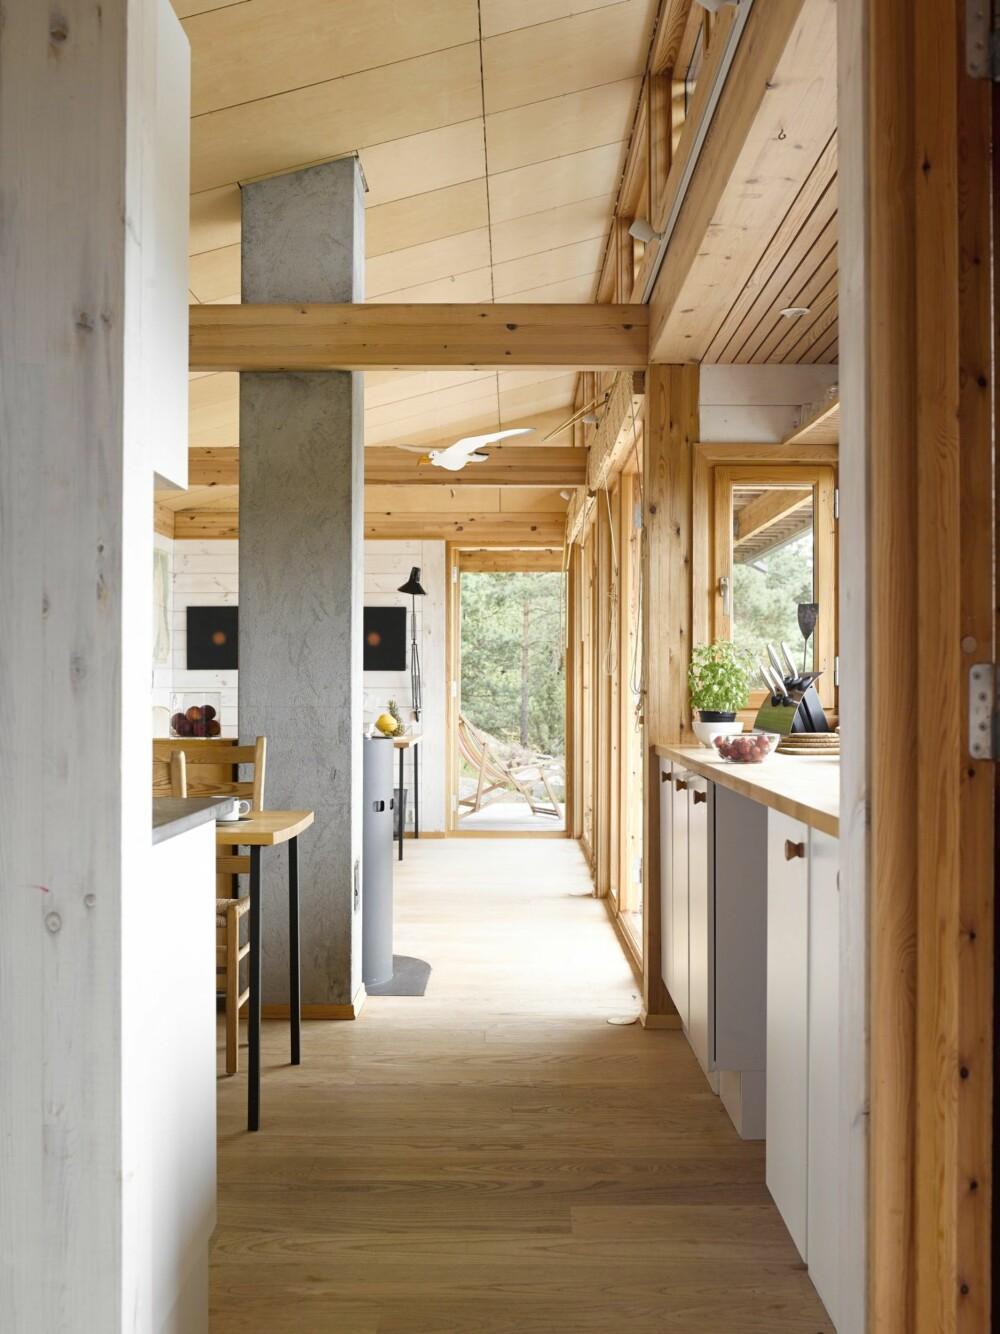 LANGSTRAKT: At hytta er smal og strukket som en strikk, gir mer rom for vindusflater, og dermed mer utsikt inn. Her er det en variert materialbruk som utgjør kontraster, fremfor en ellevill fargebruk.